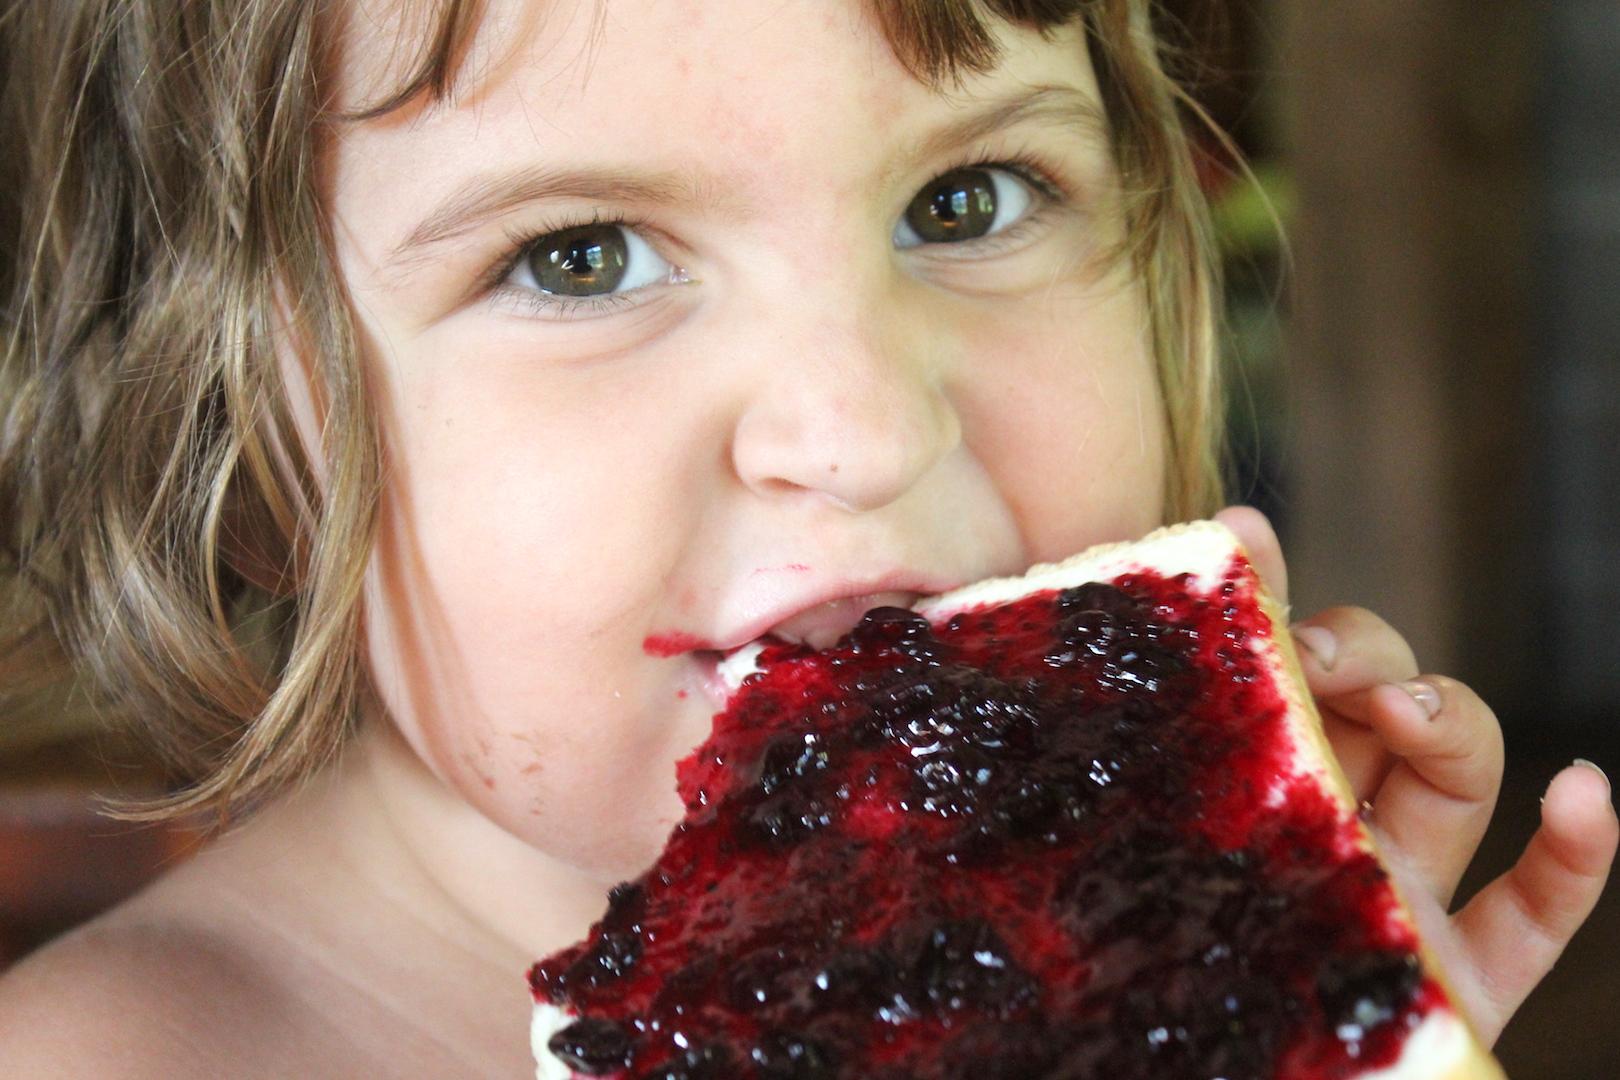 Child Eating homemade Blackcurrant Jam